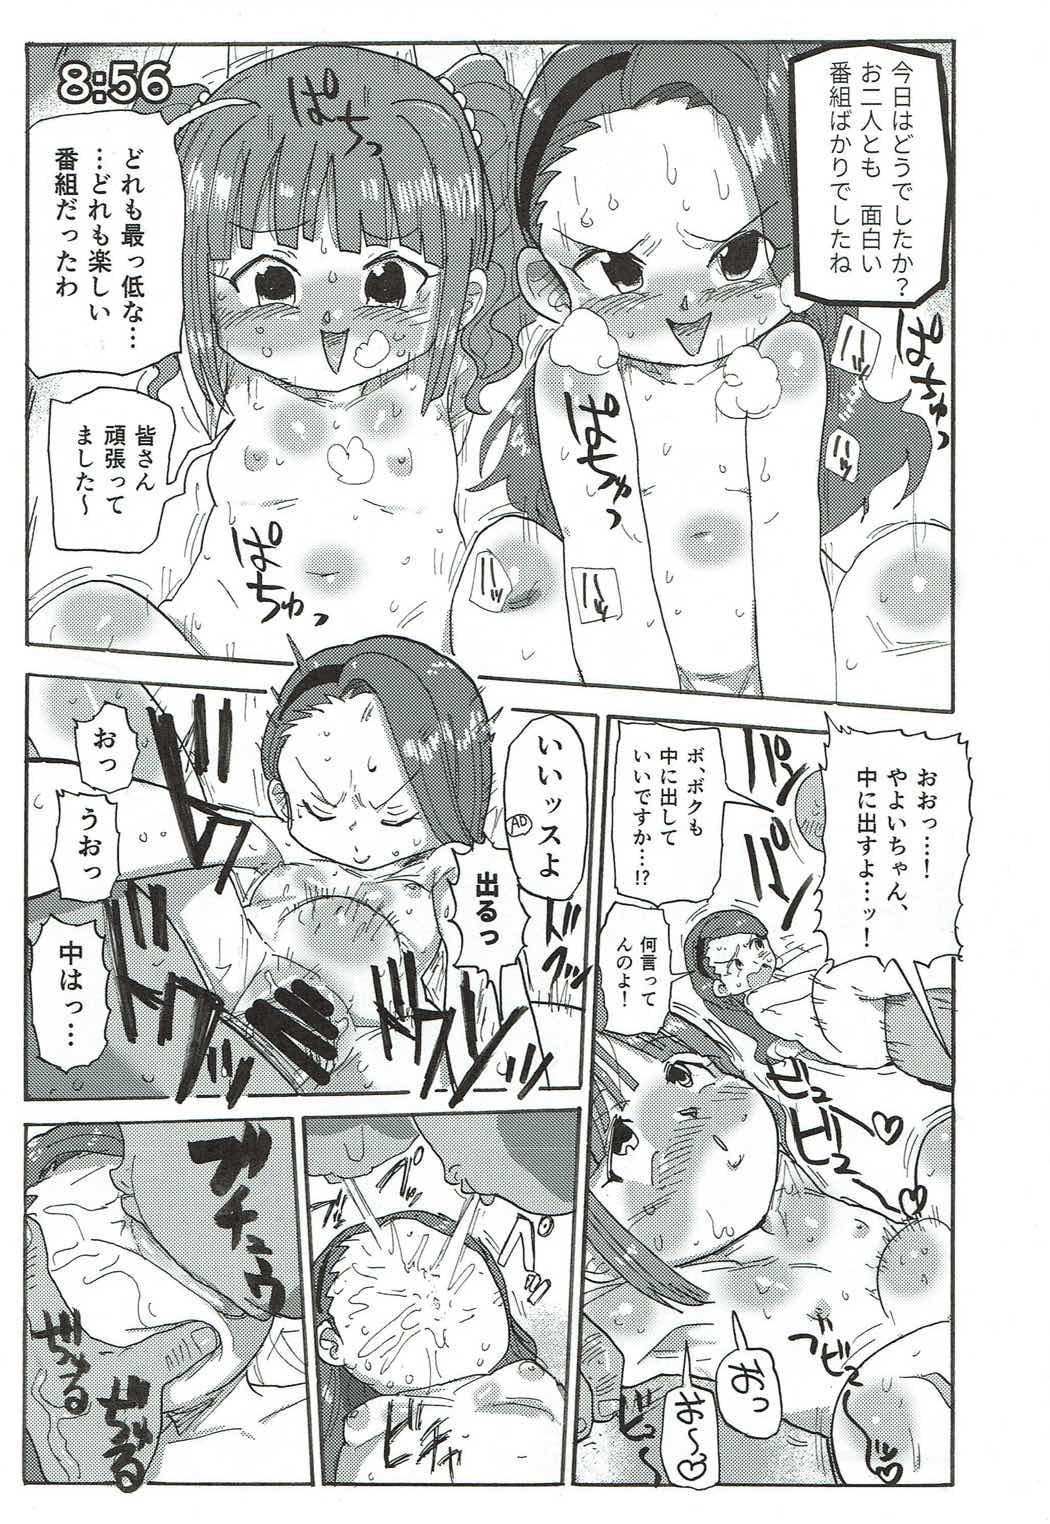 765 Pro Dosukebe Namahousou 24-jikan Televi Goudou 77